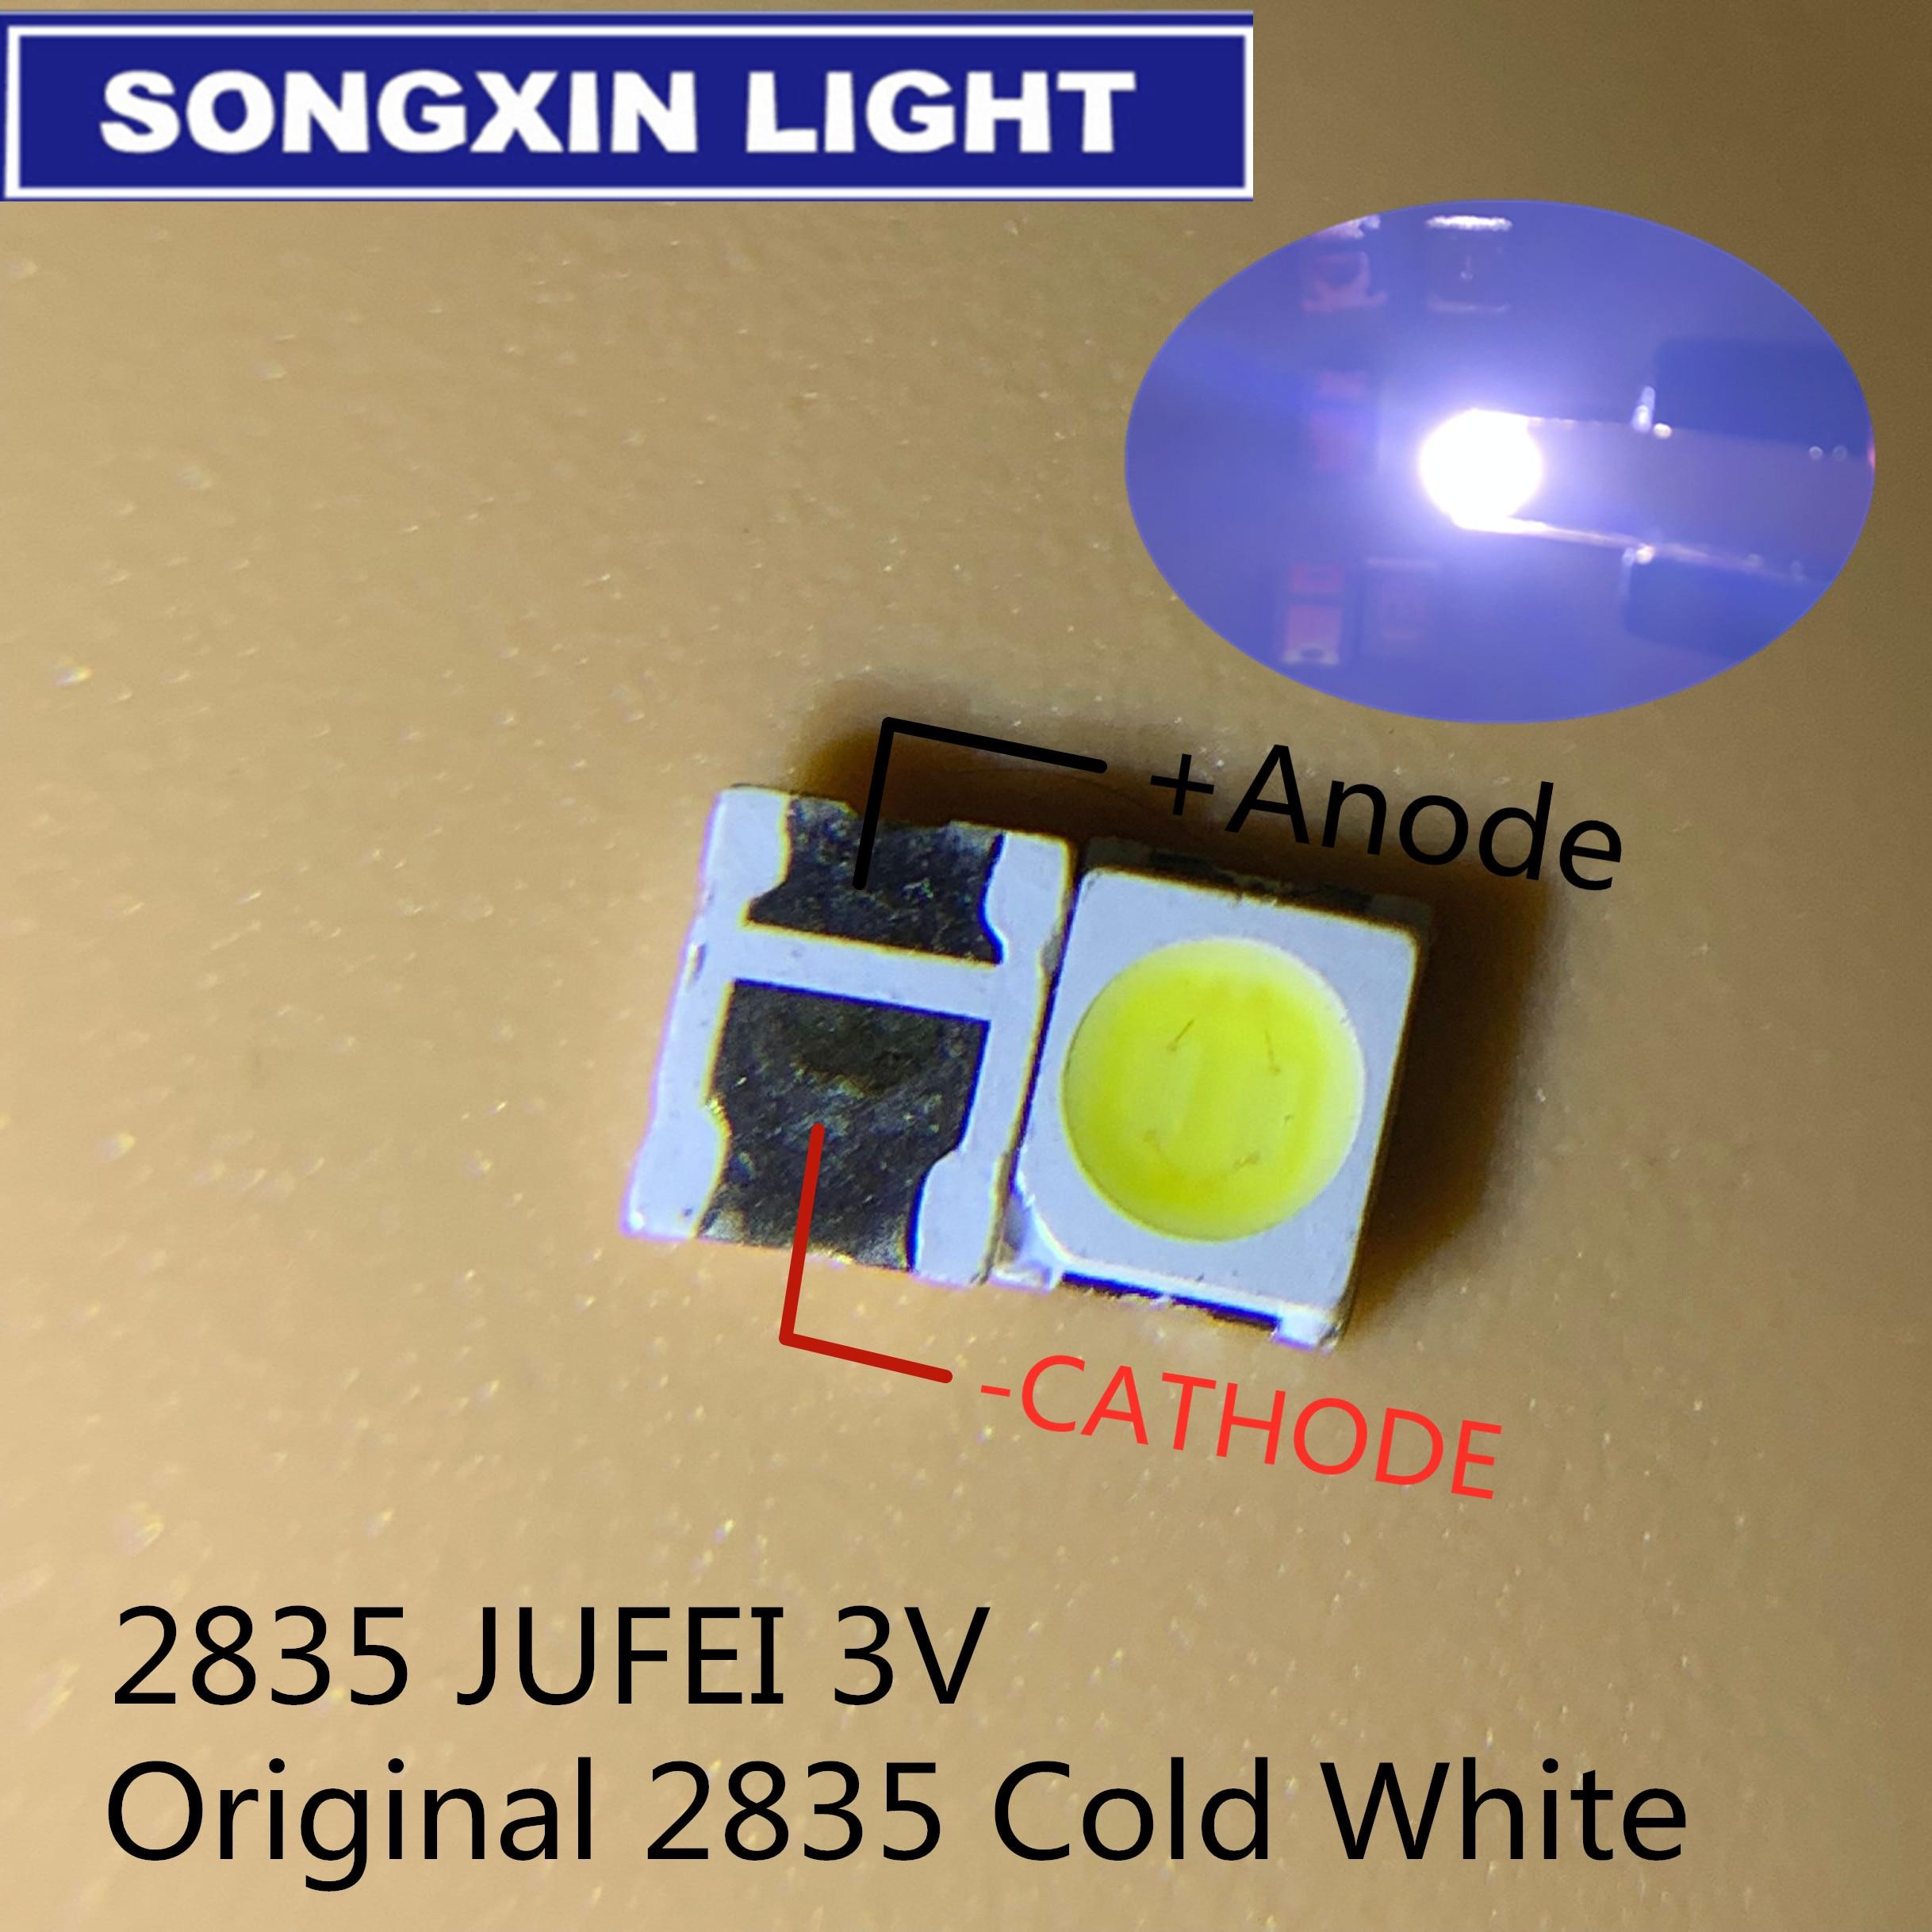 1000 pces jufei led backlight 1210 3528 2835 1 w 3 v 107lm branco fresco retroiluminação lcd para tv aplicação 01. JT.2835BPWP2-C